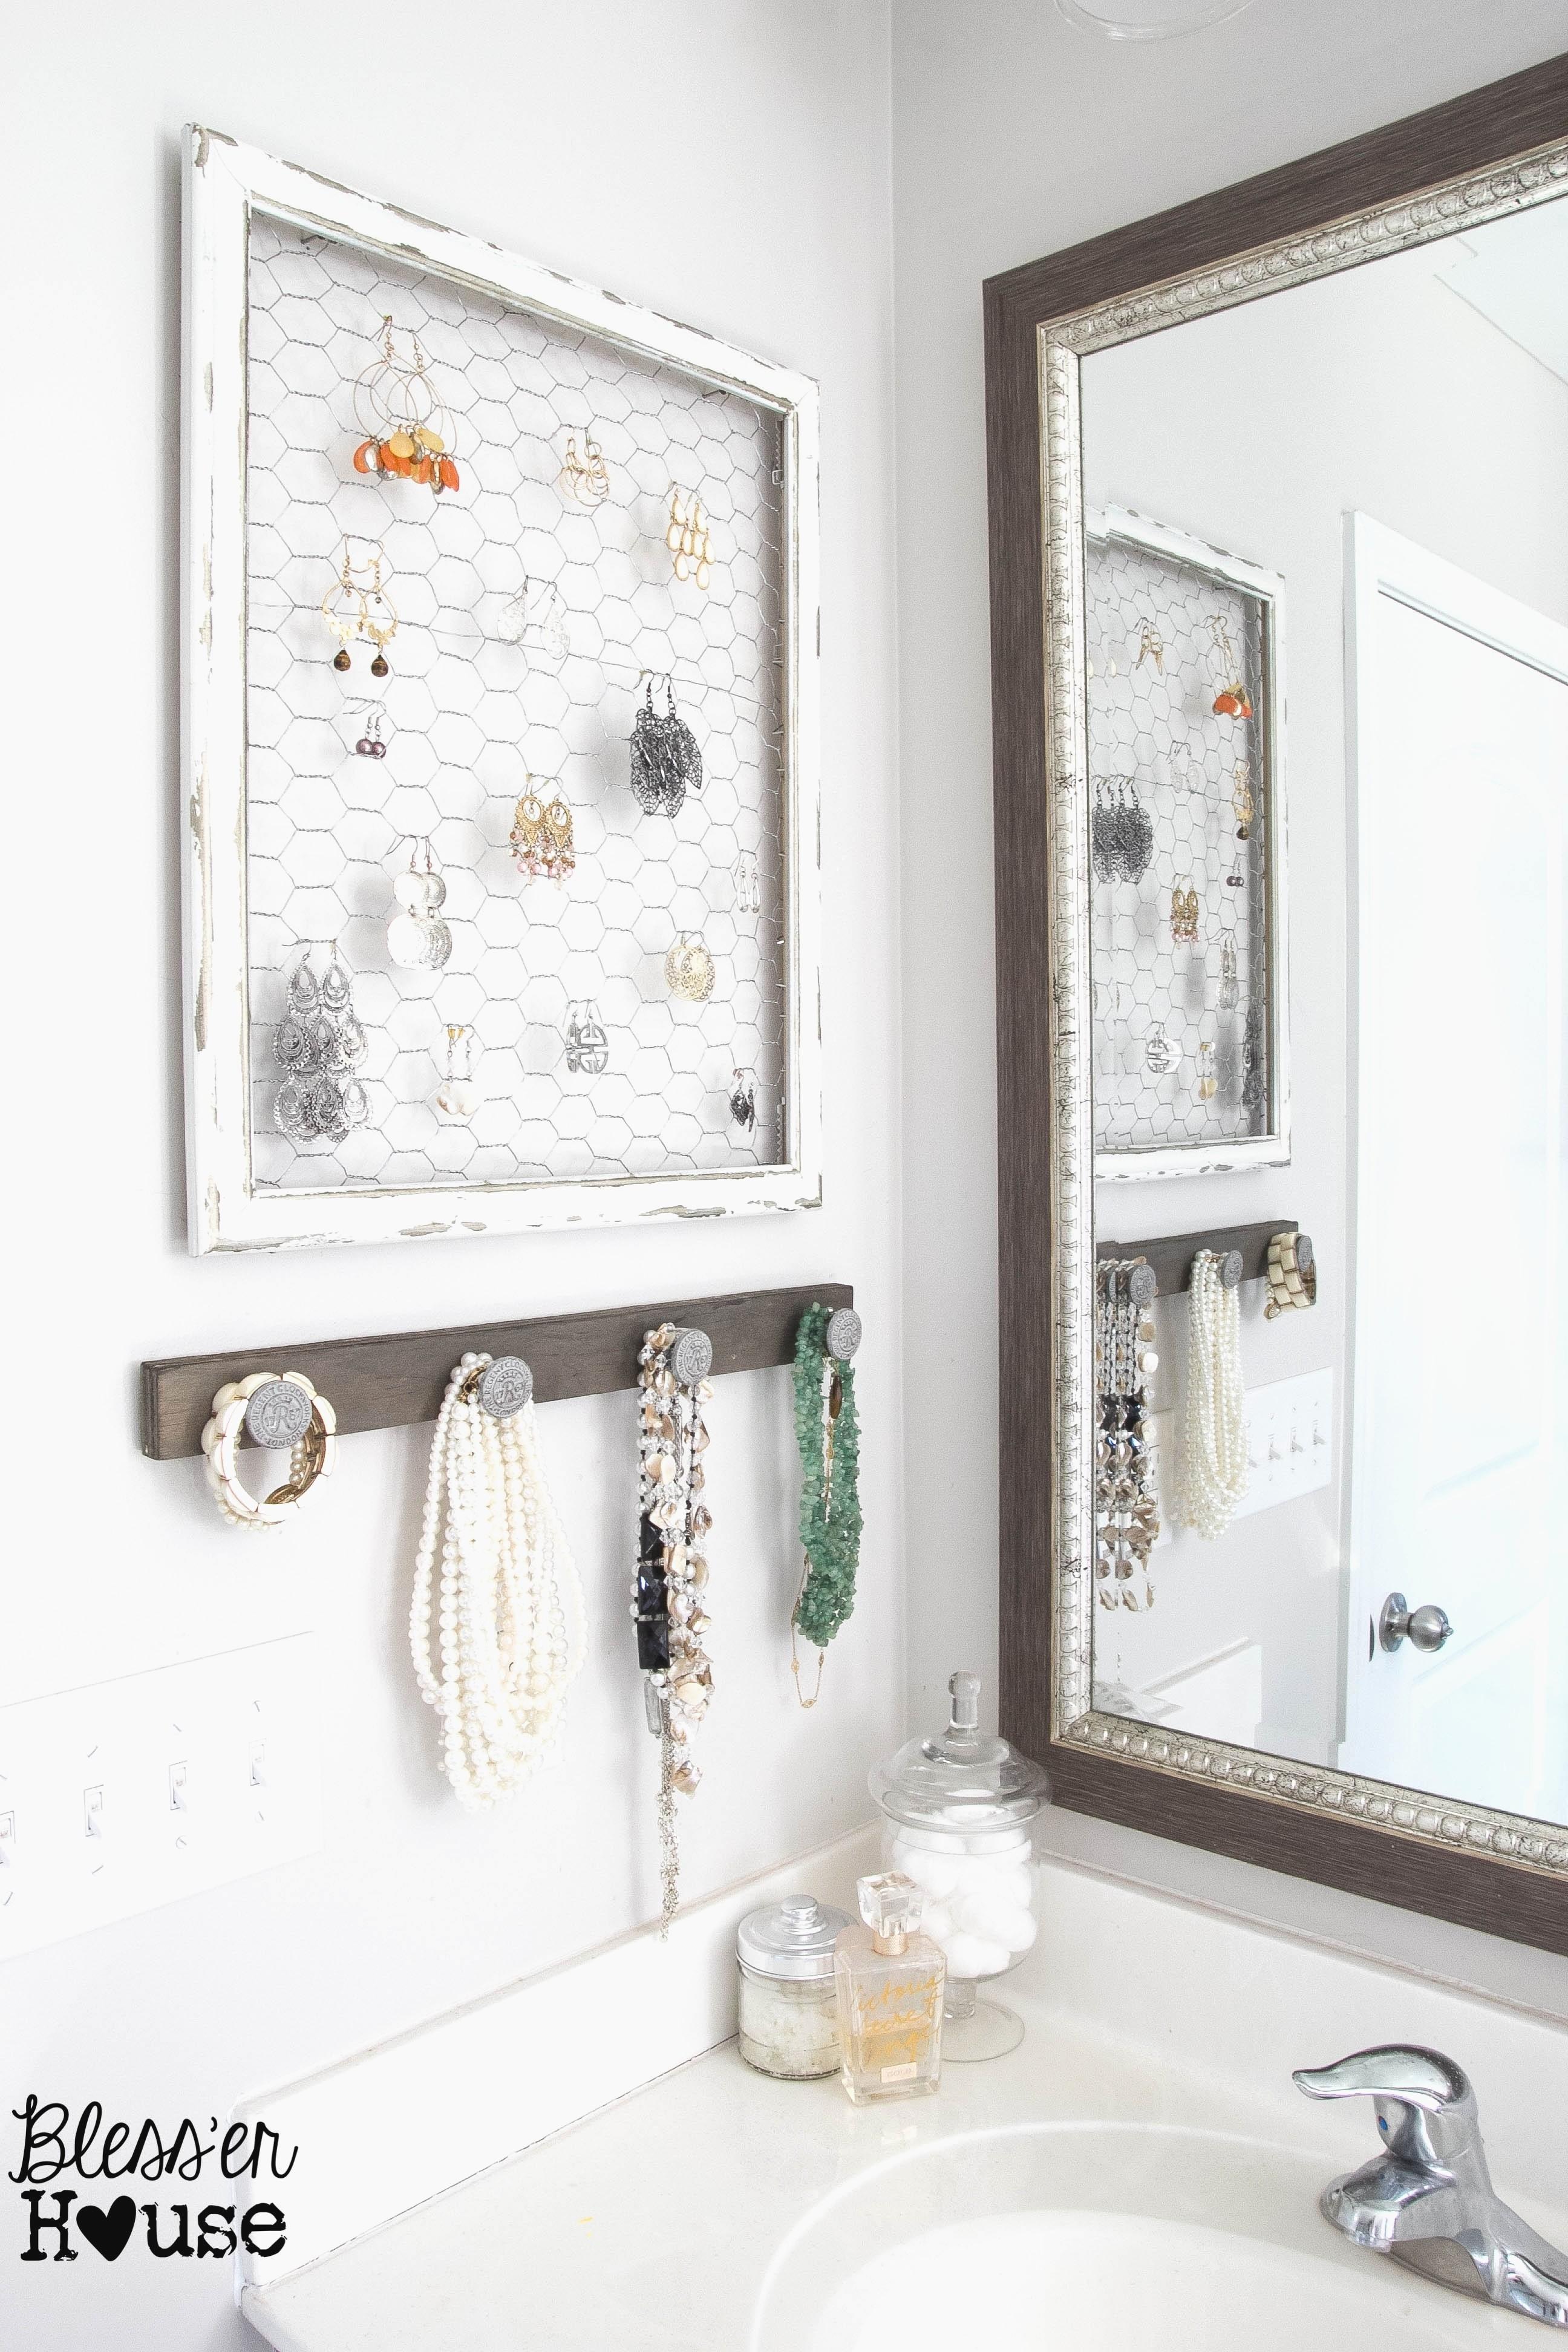 Bathroom Wall Decor Stylish Unique Wall Art Ideas New Kitchen Wall Decor Unique Kitchen Layout